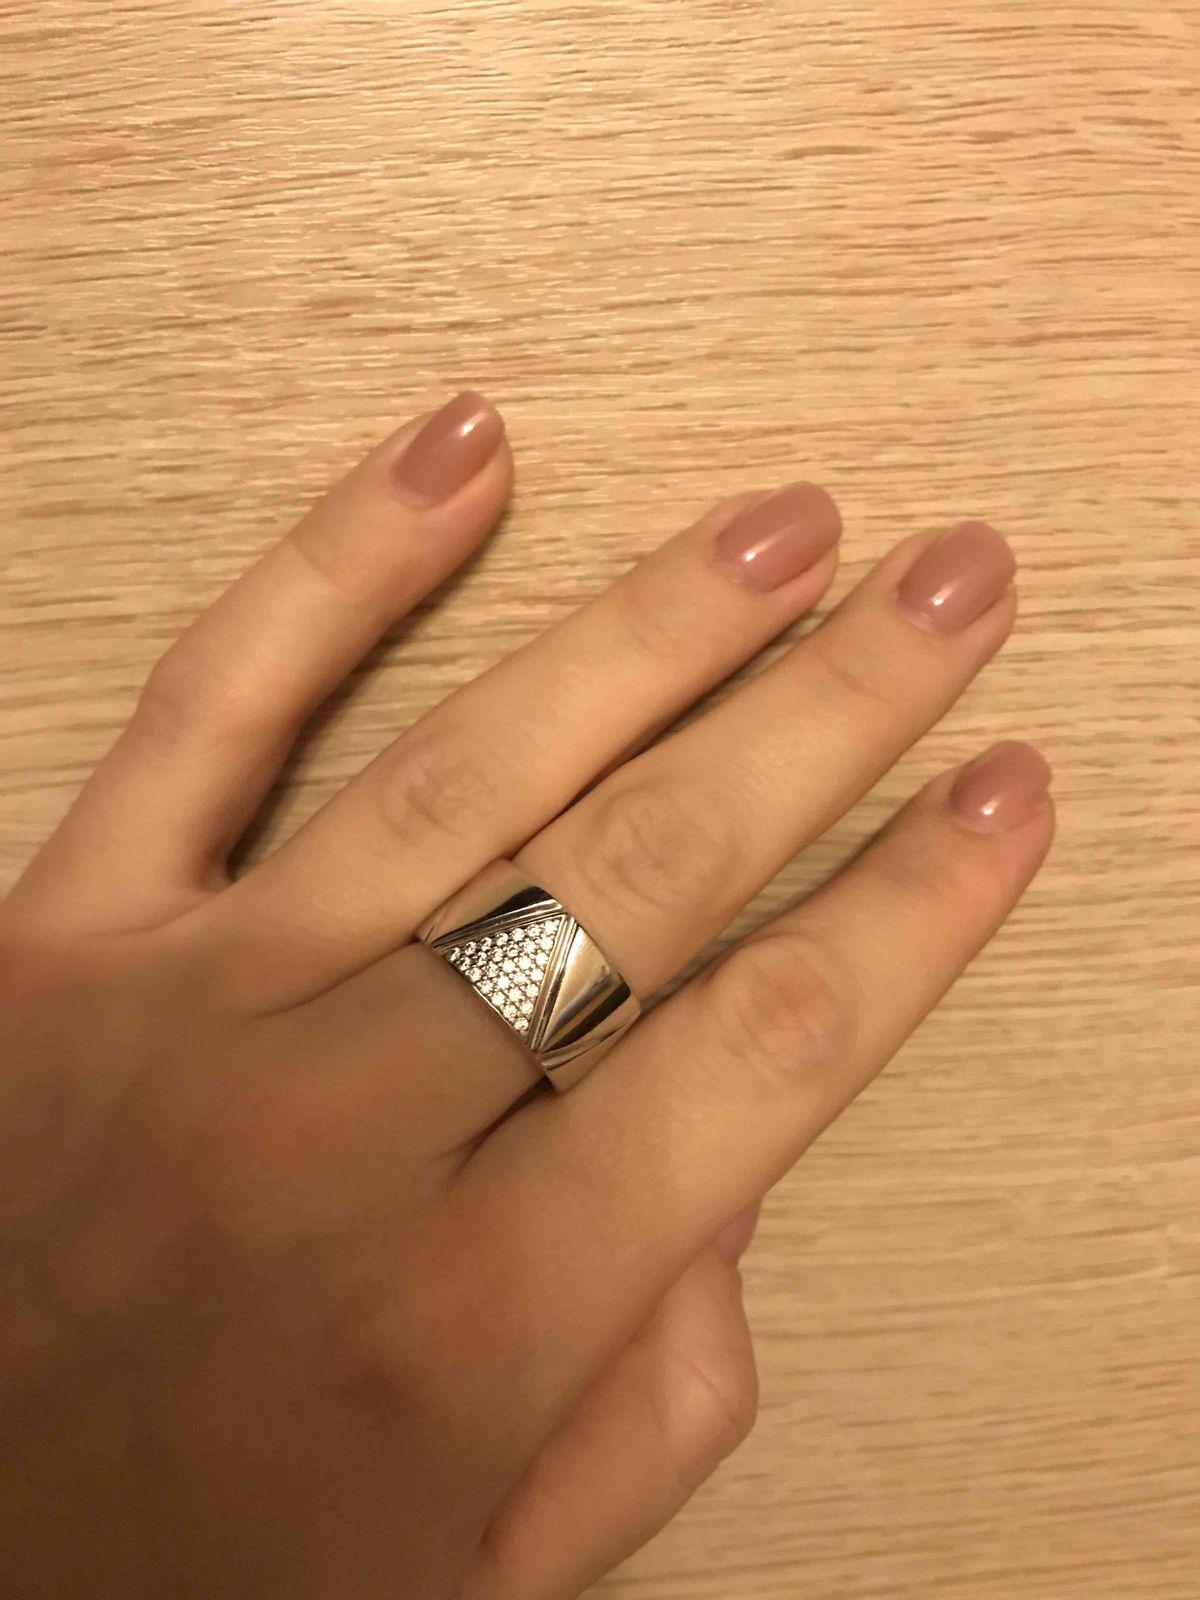 Стильное и необычное кольцо! просто влюблена в него...